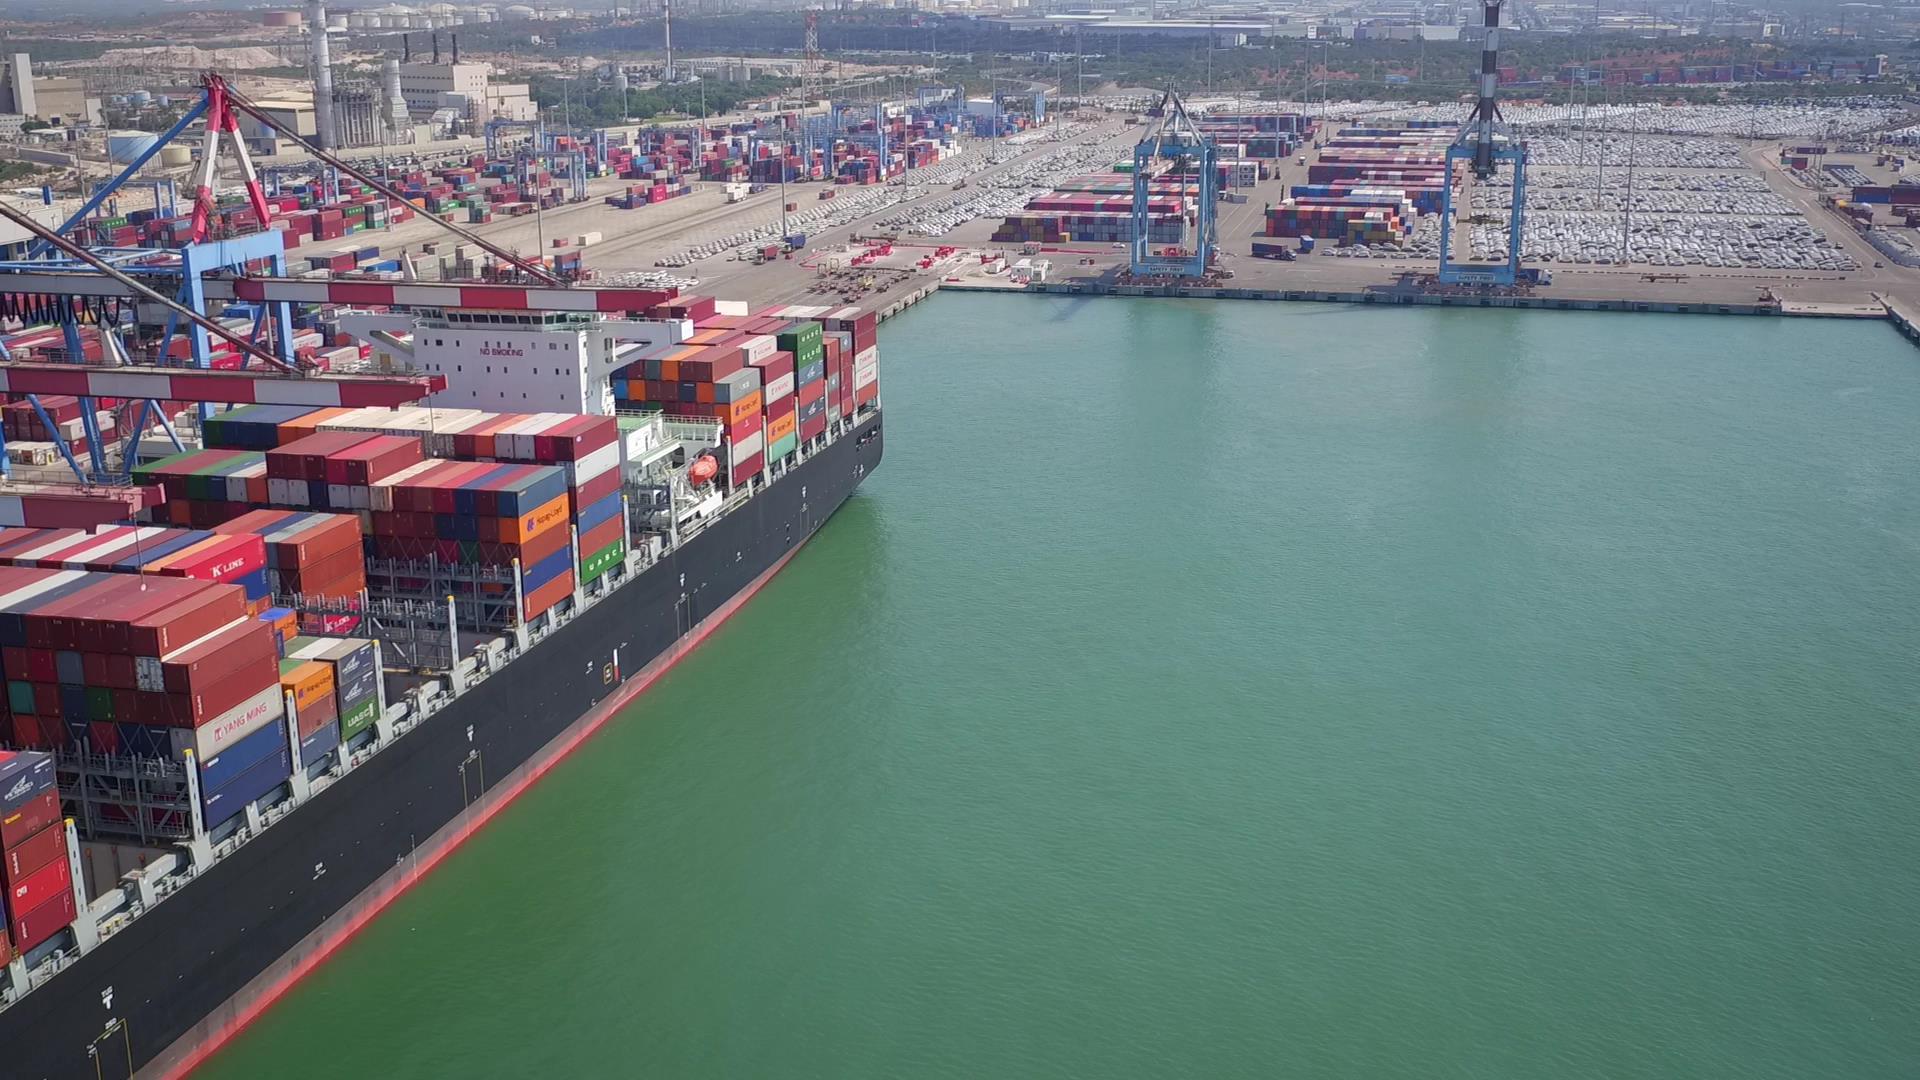 בפעם השנייה בתוך חודש: חברת נמל אשדוד דוחה את המכרז לאספקת פוליסת ביטוח חיים